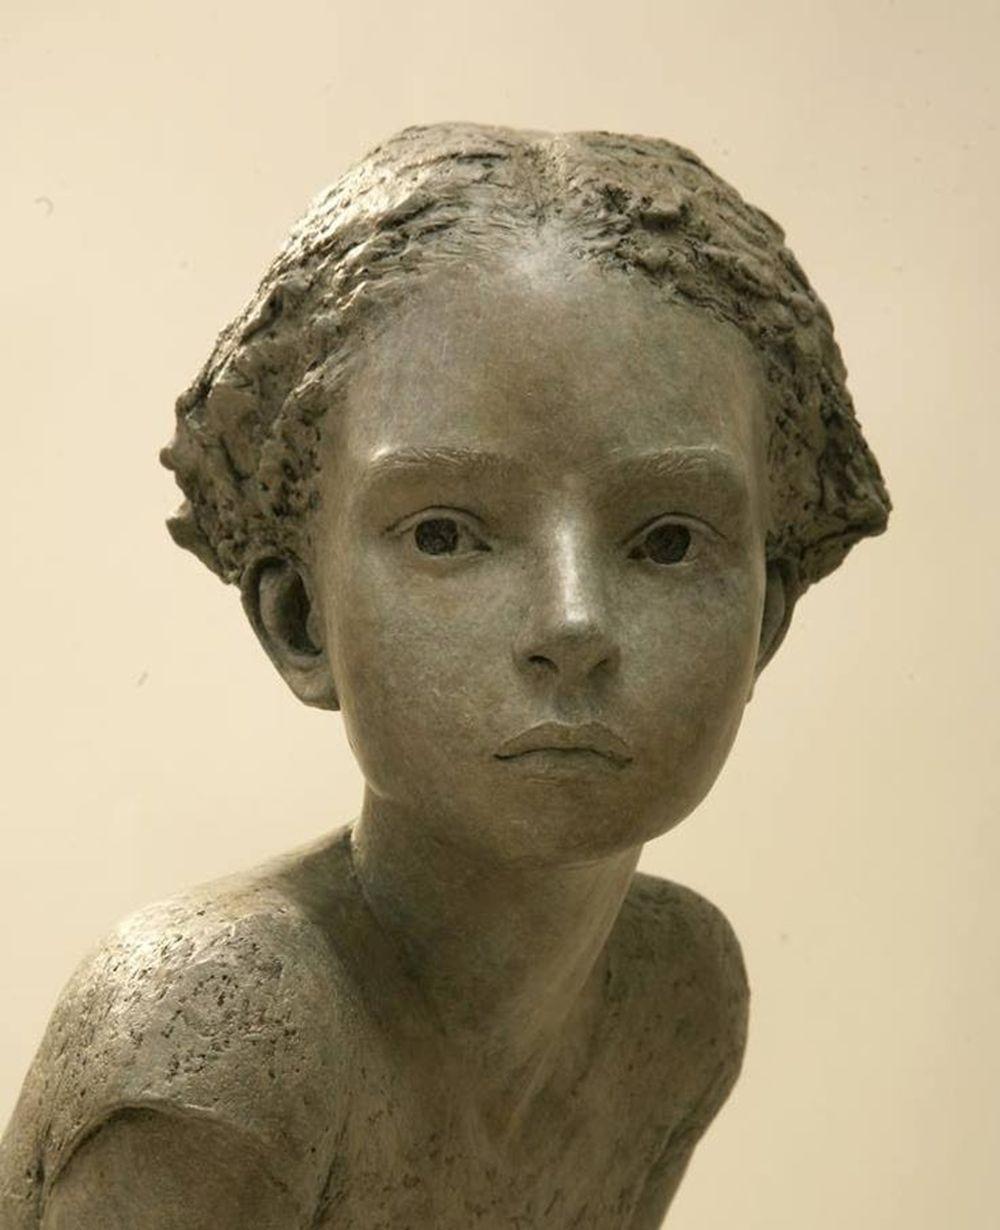 雕塑家贝里特.希尔德作品展_图1-8